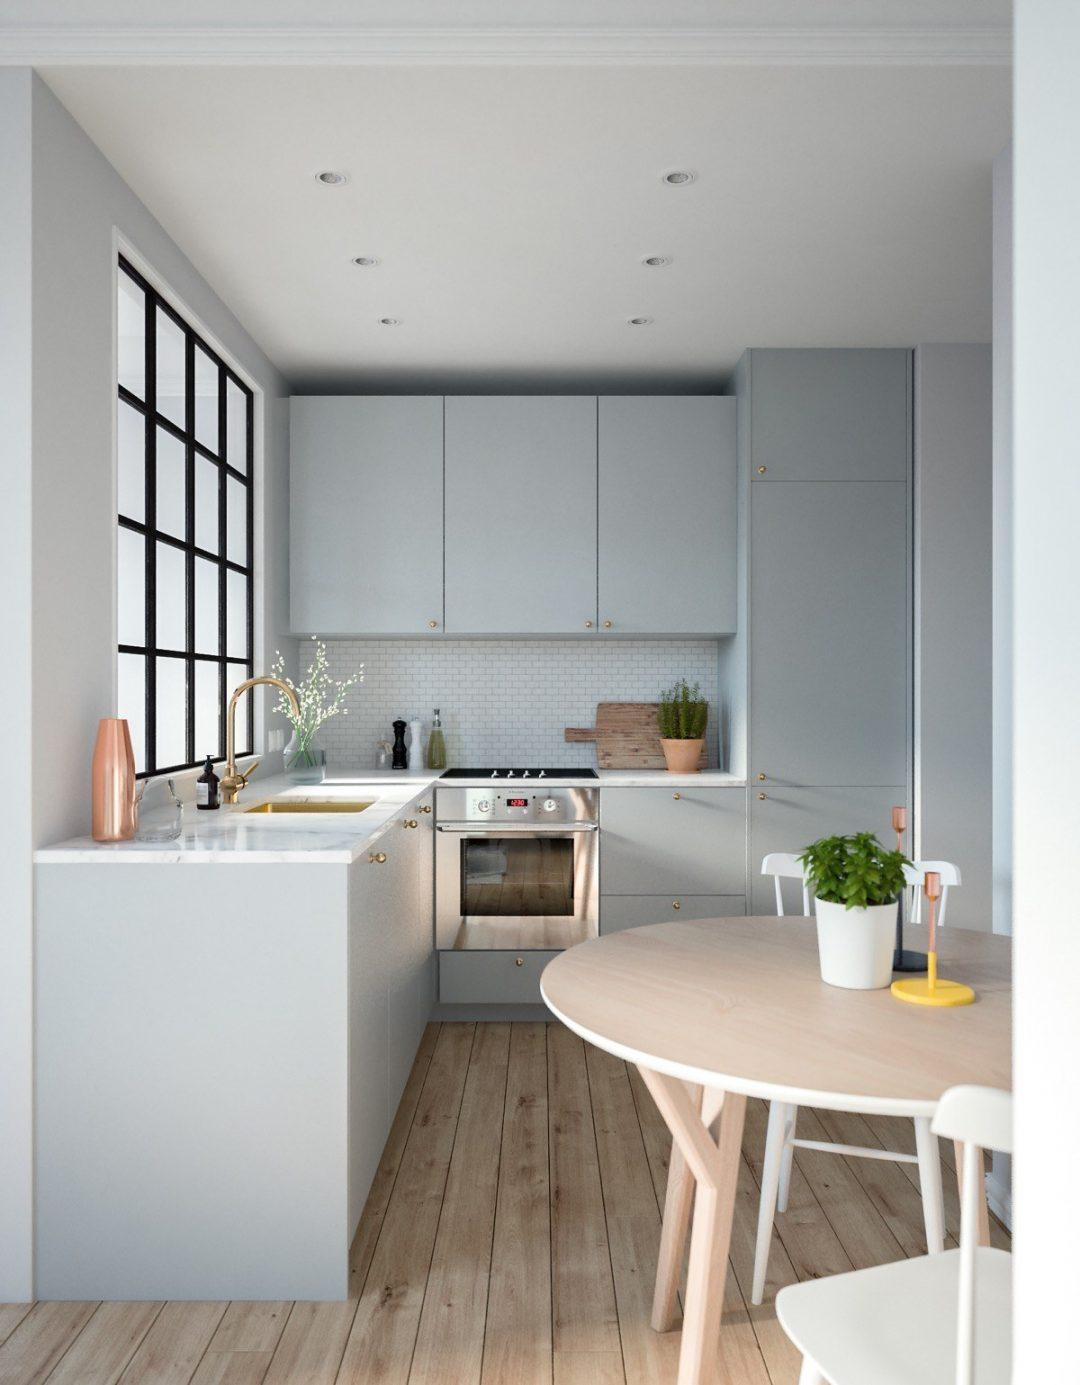 Thiết kế cửa sổ ngay bàn bếp để tạo sự lưu thông khí và thoát mùi hiệu quả